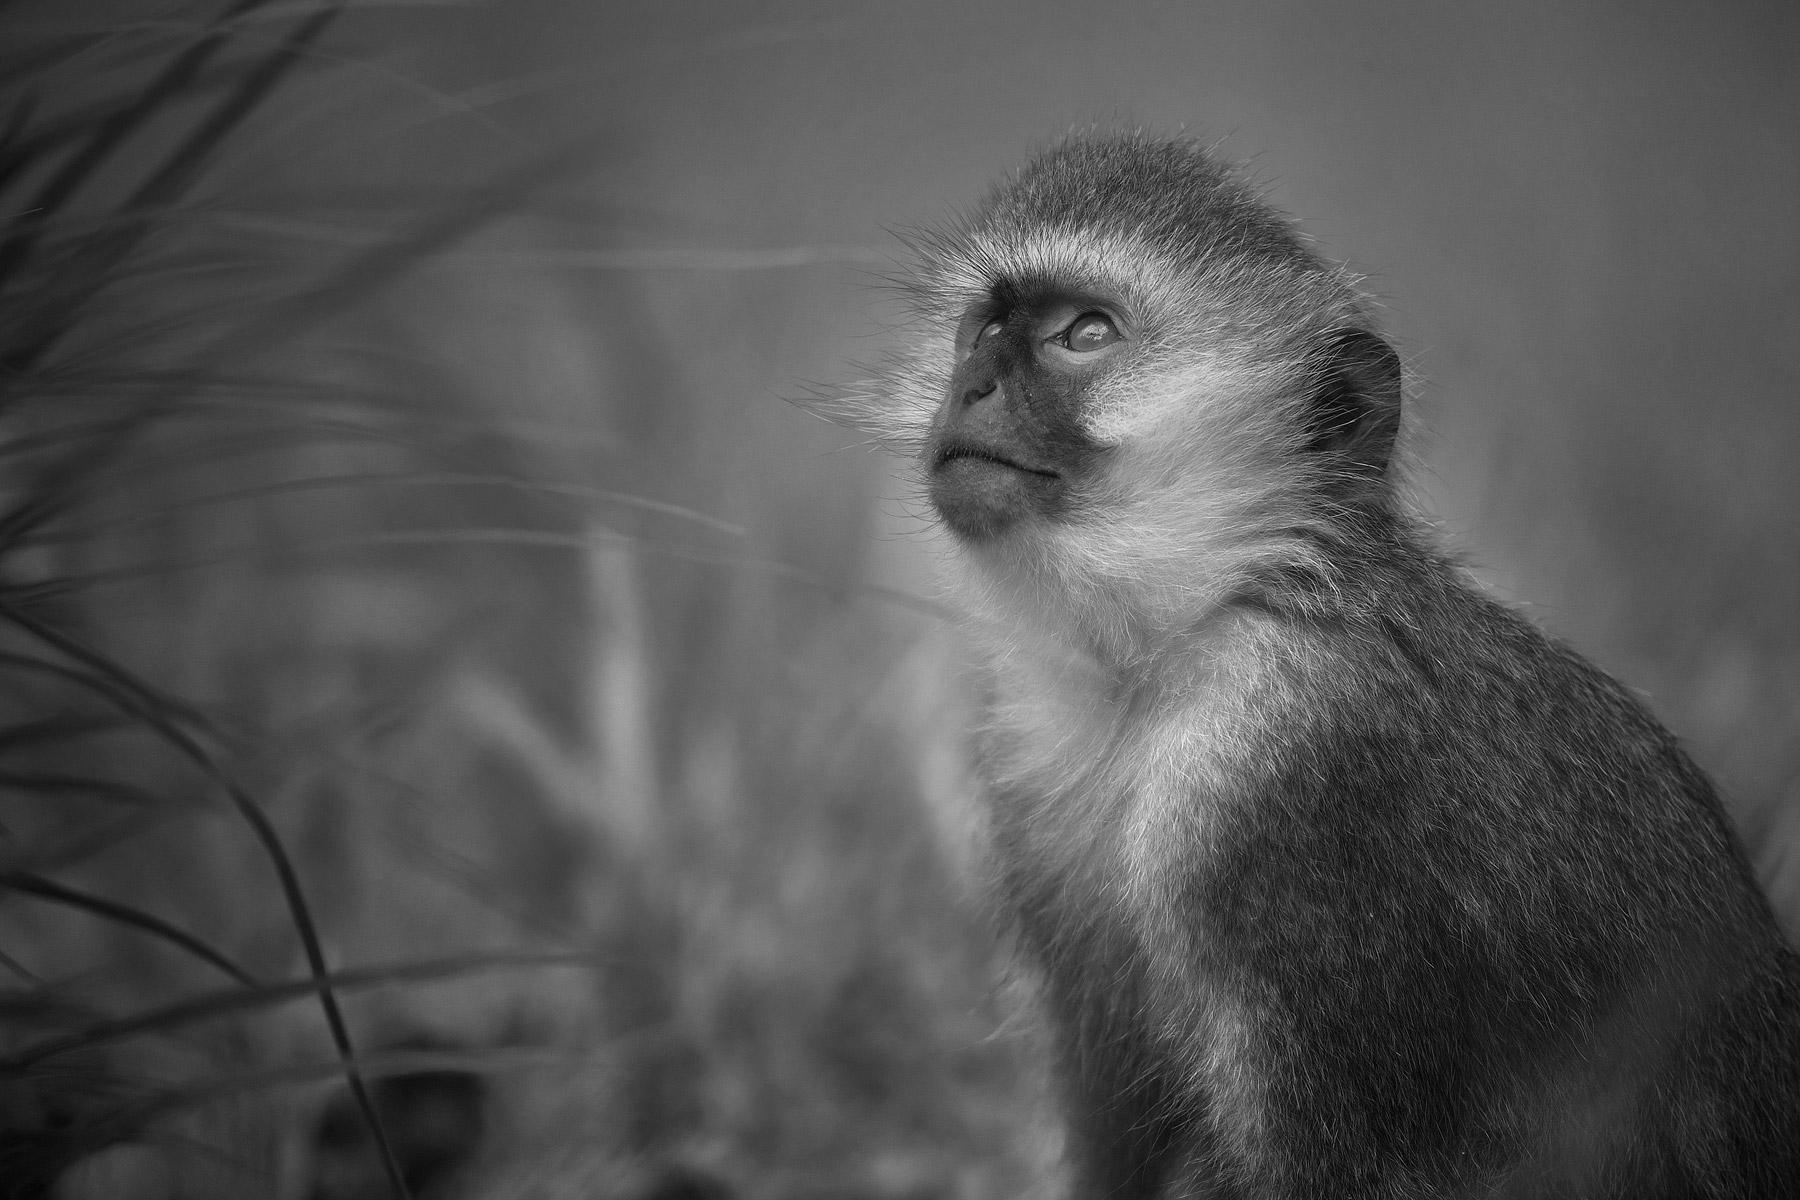 RWANDA_vervet_monkey_v03